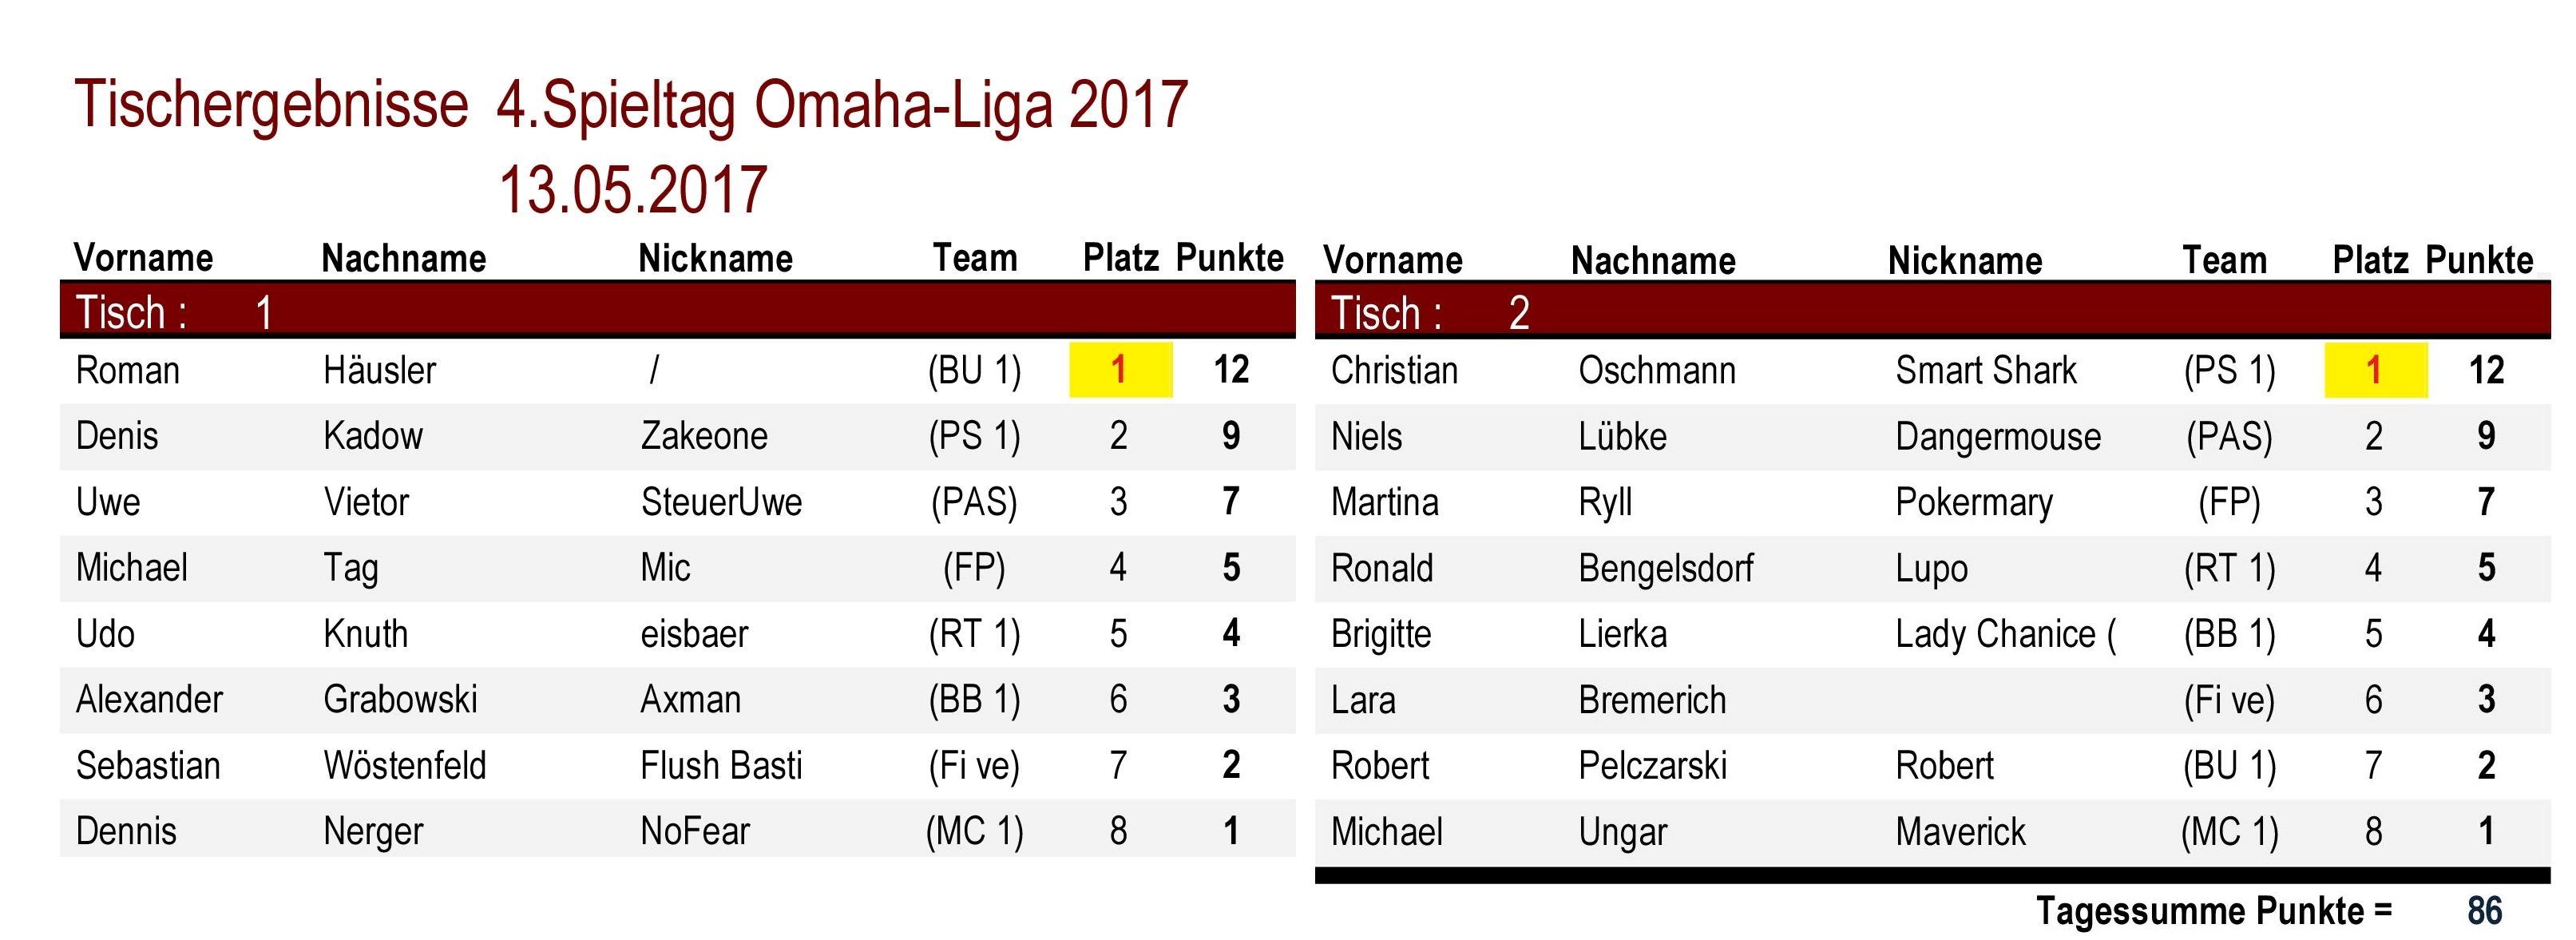 Tischergebnisse Omaha-Liga 4.Spieltag 2017